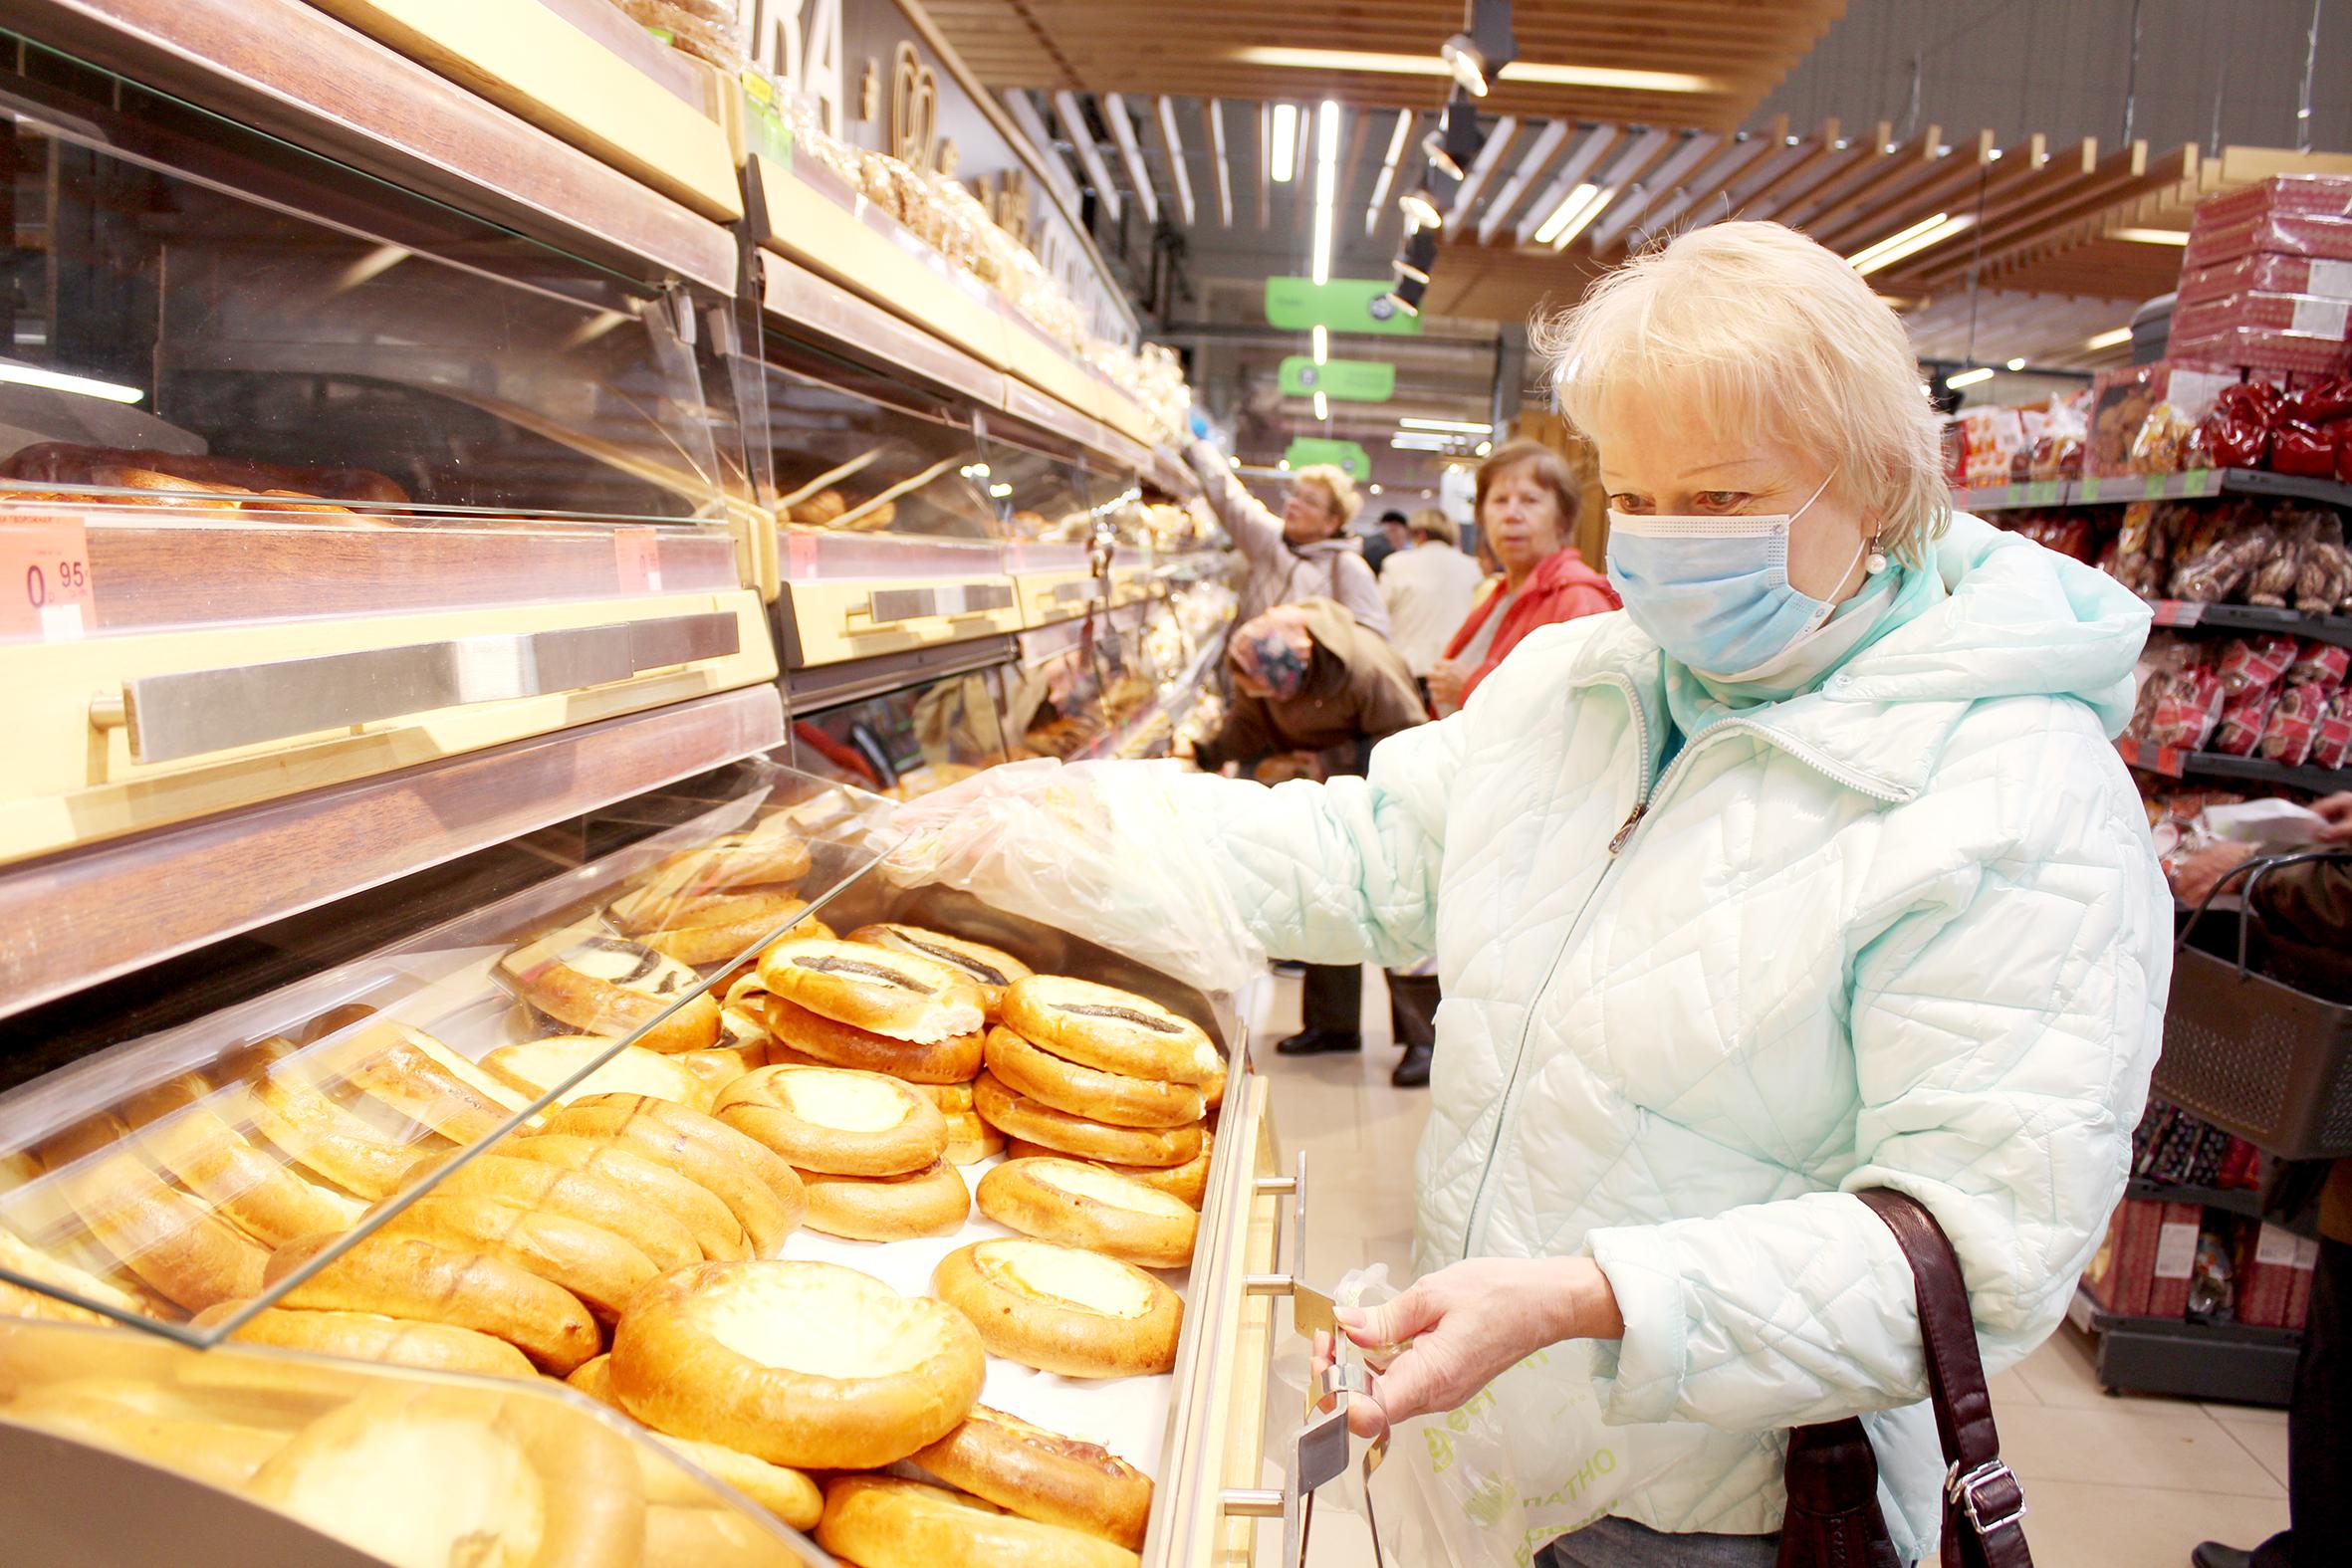 Рост цен на продовольствие продолжается, несмотря на обещания чиновников